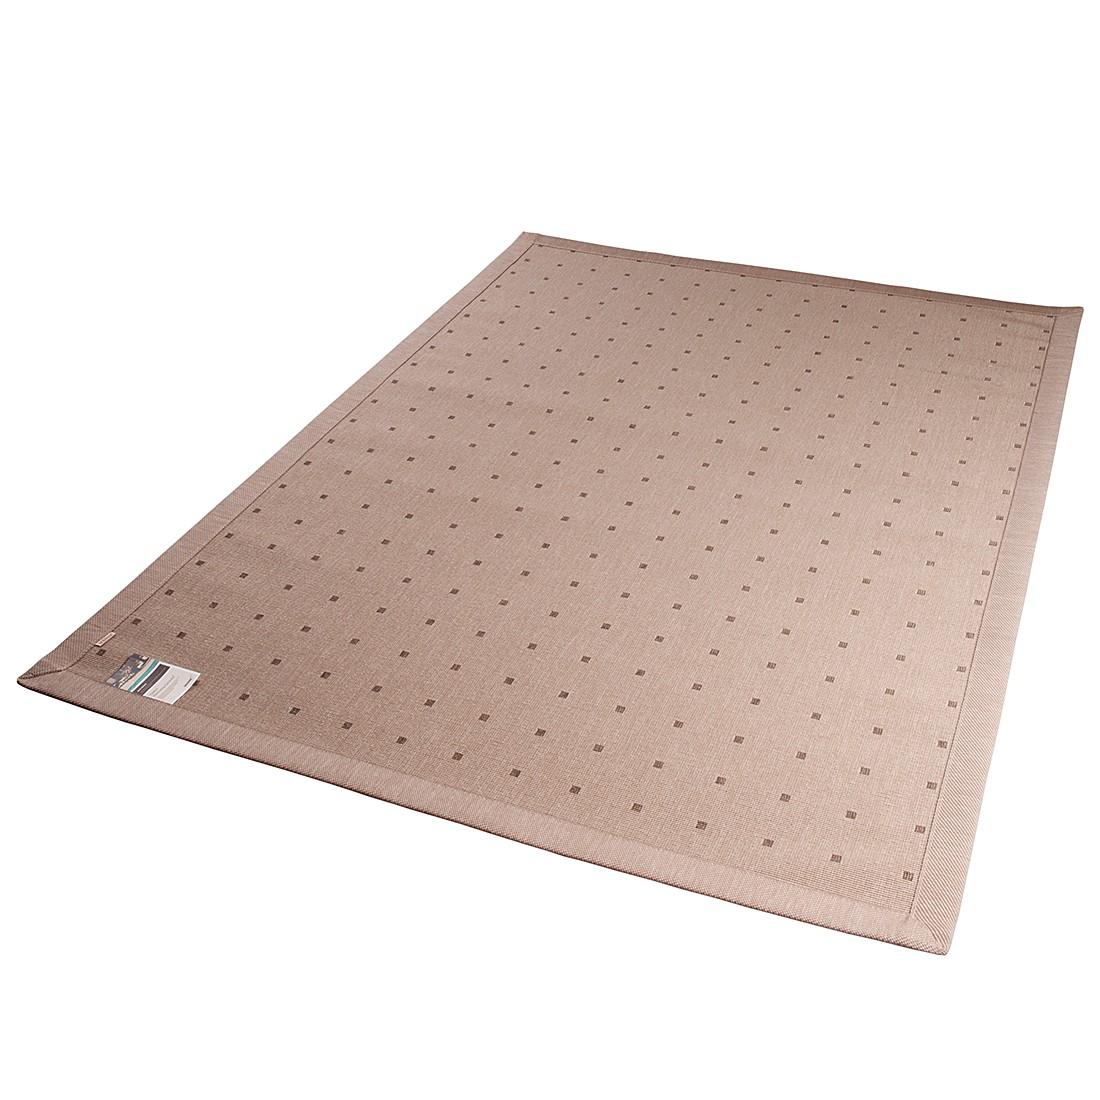 In-/Outdoorteppich Naturino Classic Quadrate – Havanna – 67 x 133 cm, DEKOWE günstig bestellen